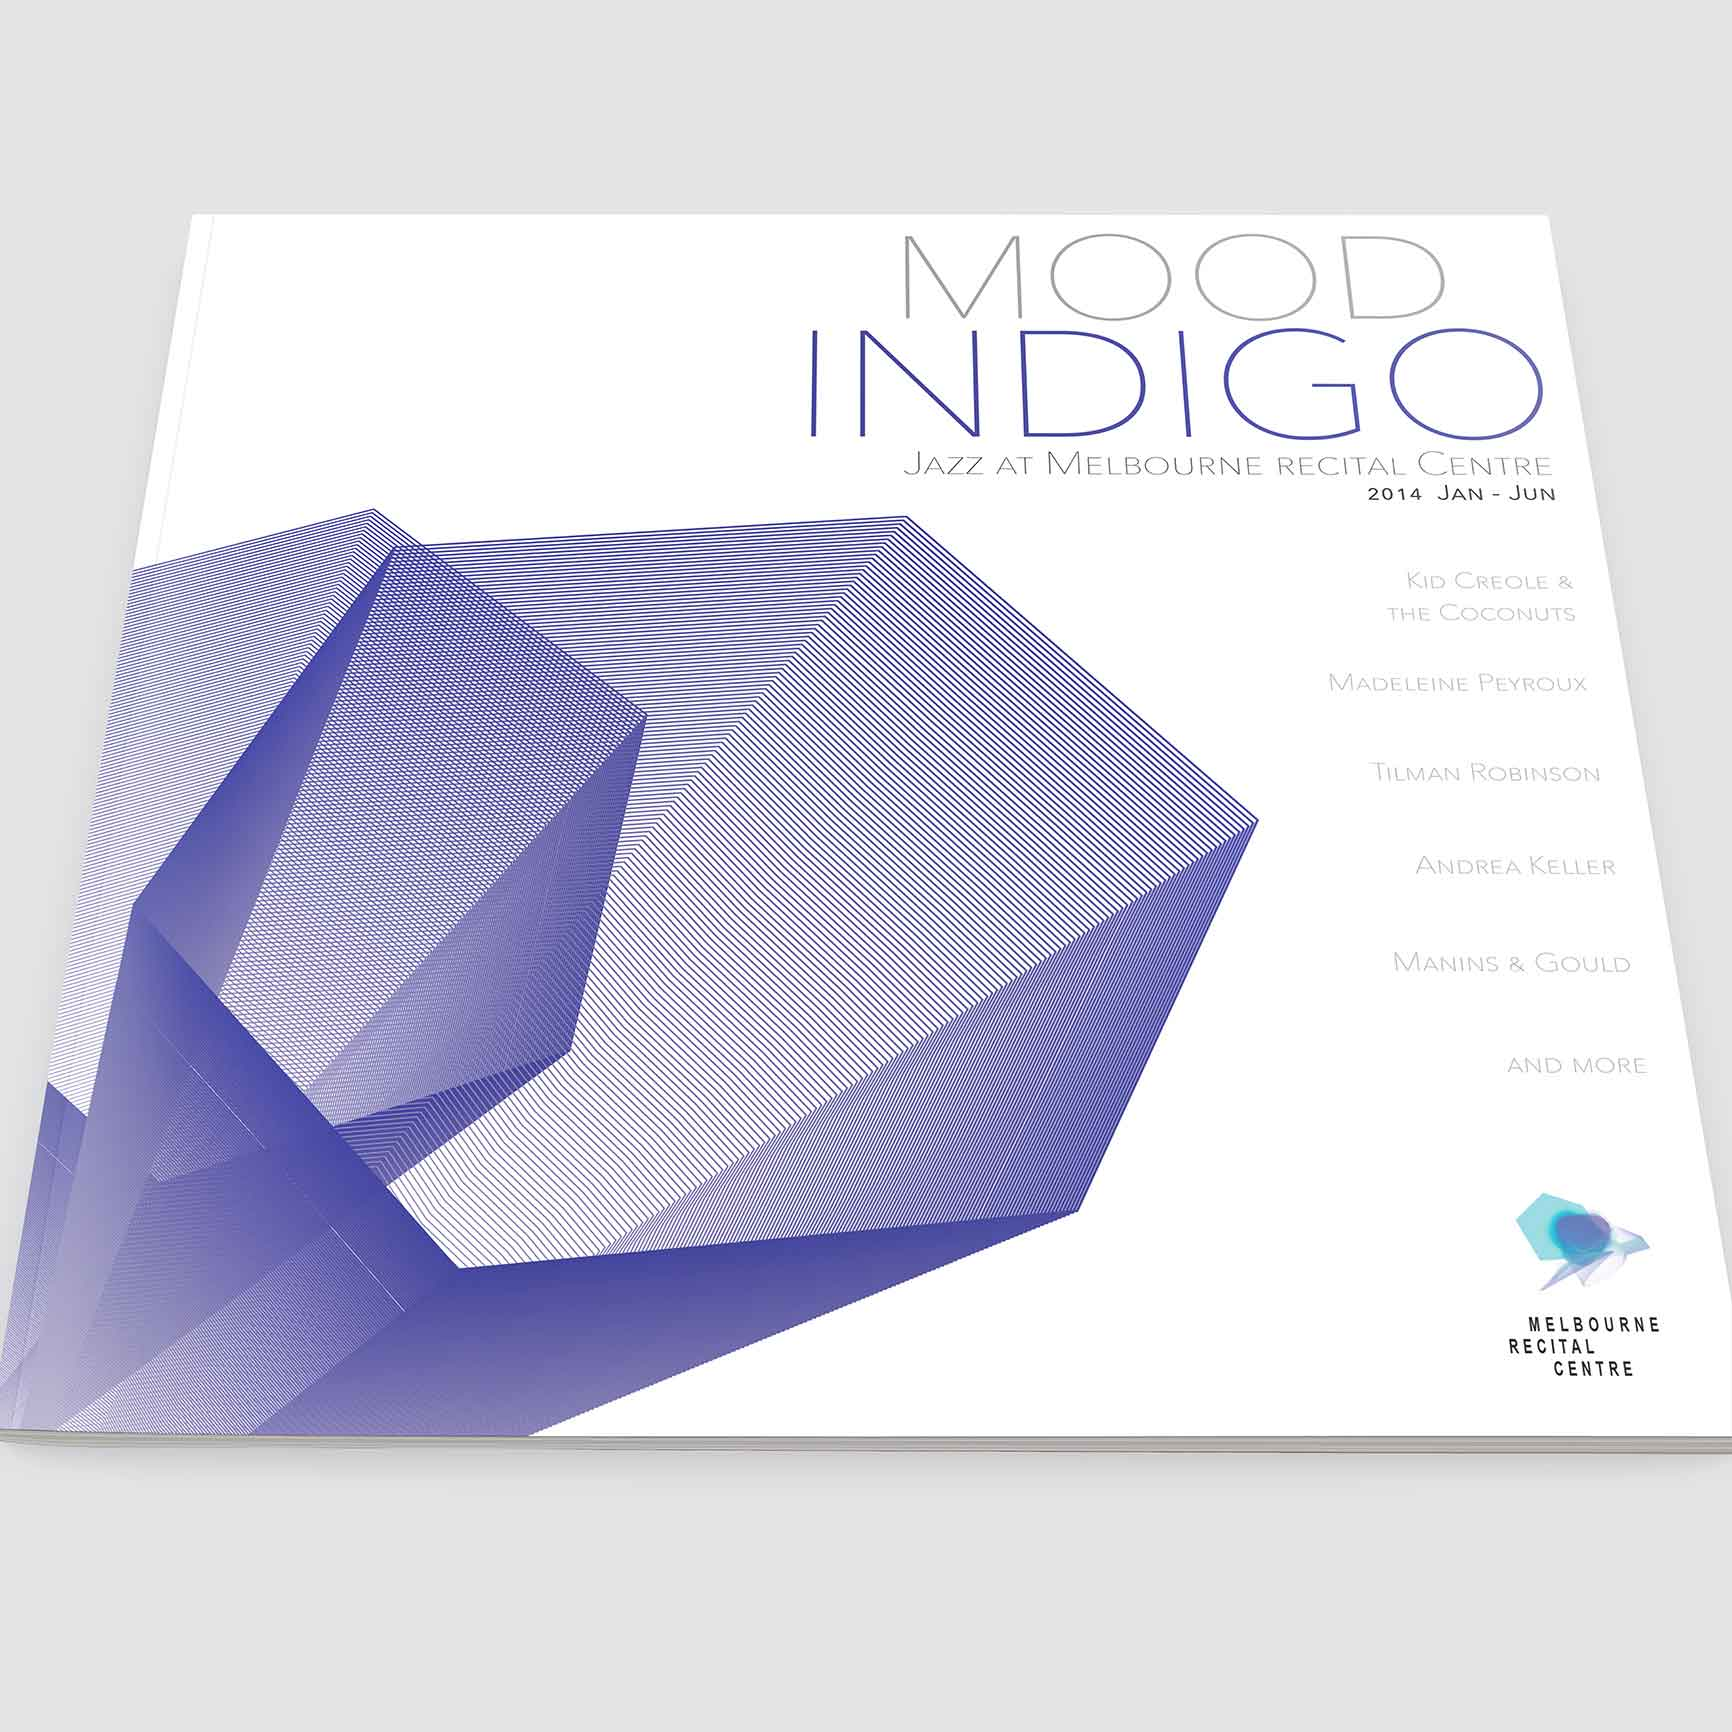 Melbourne Recital Centre - Mood Indigo Jazz Festival